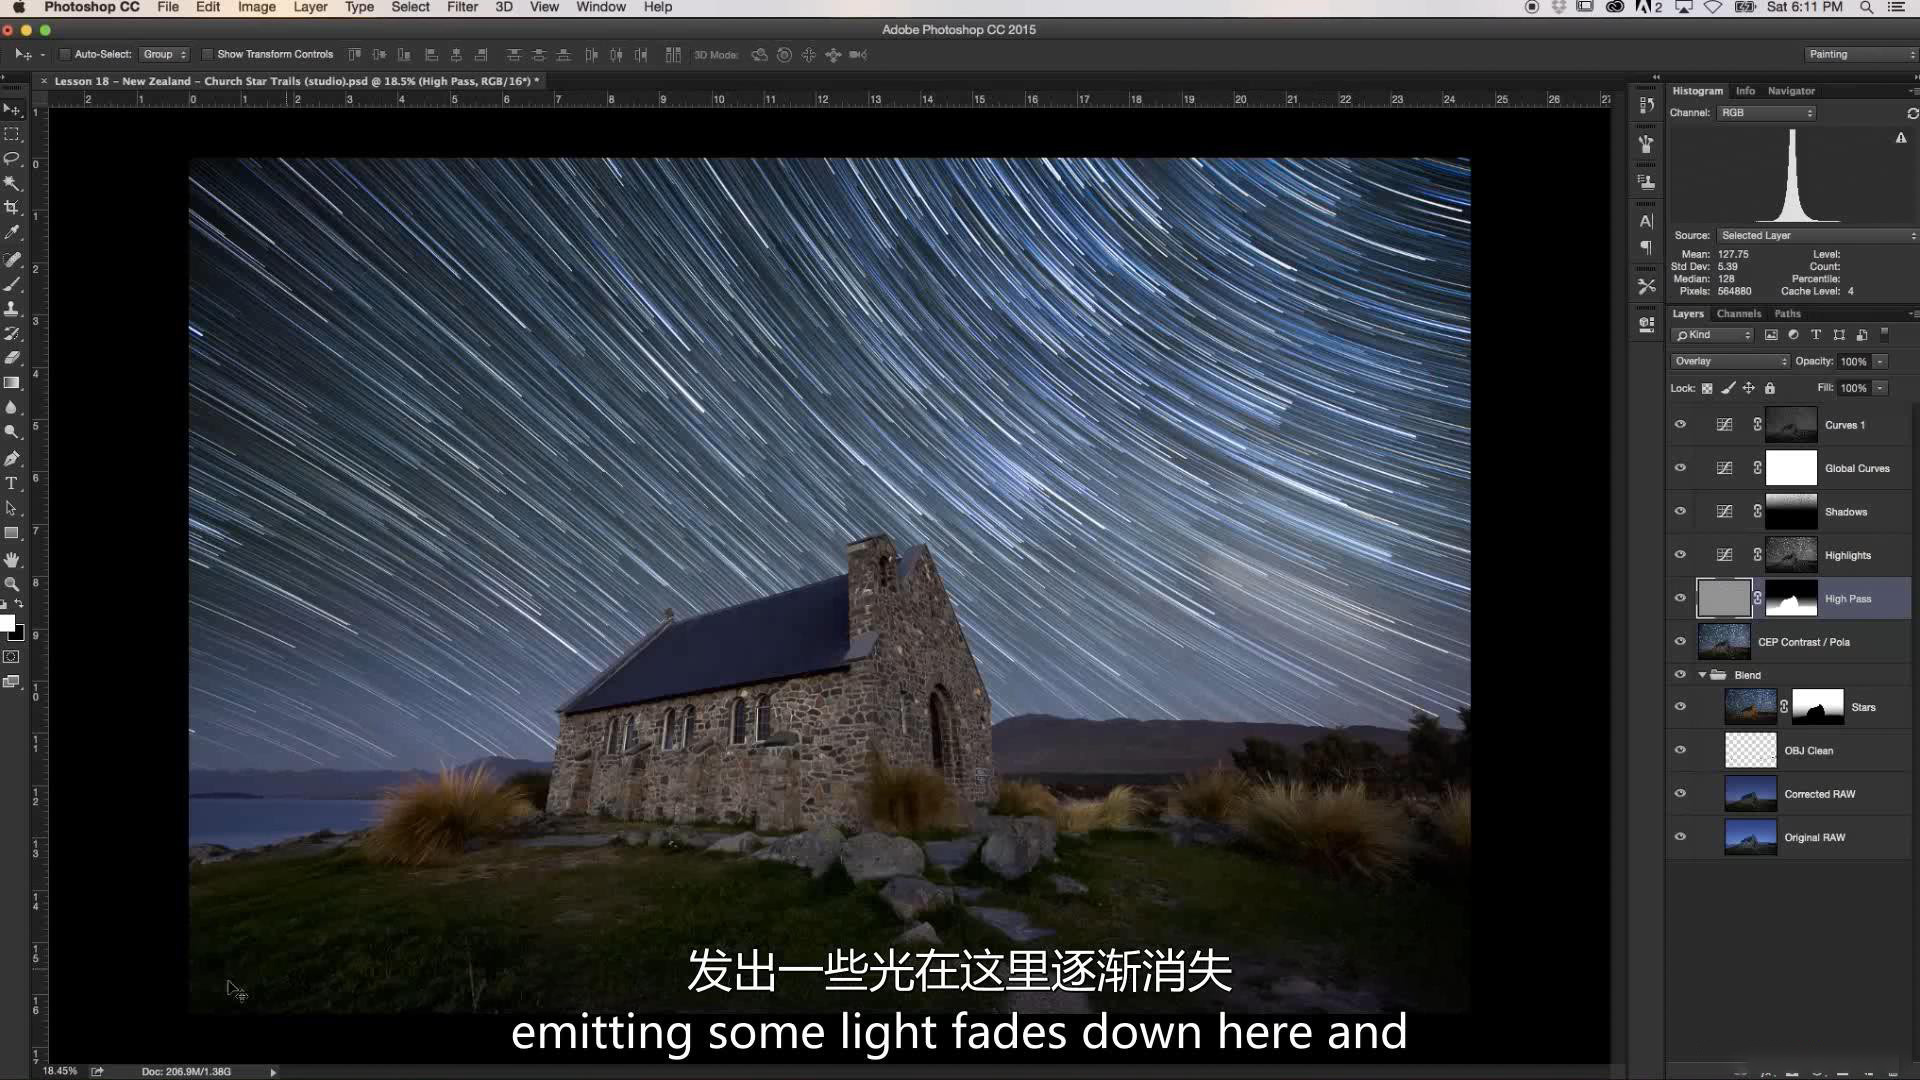 摄影教程_Fstoppers-Elia Locardi世界城市景观星轨风光摄影及后期-中英字幕 摄影教程 _预览图54